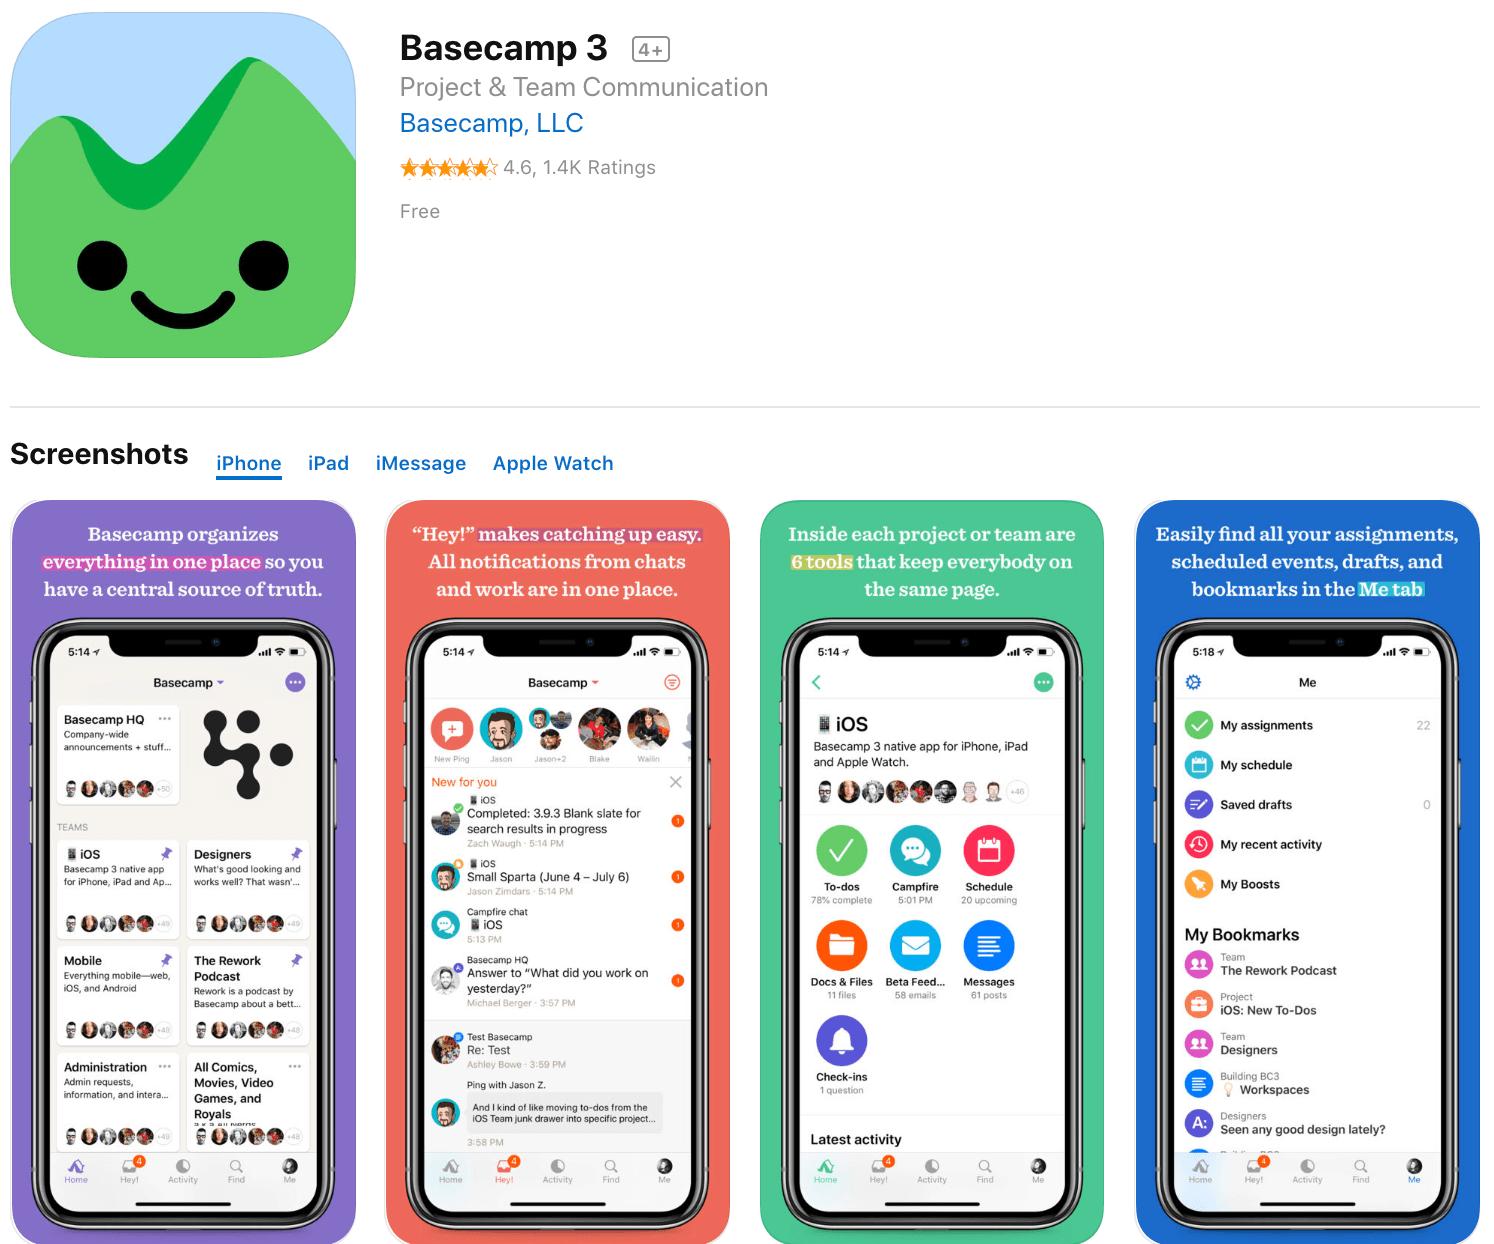 Marketing Apps Basecamp 3